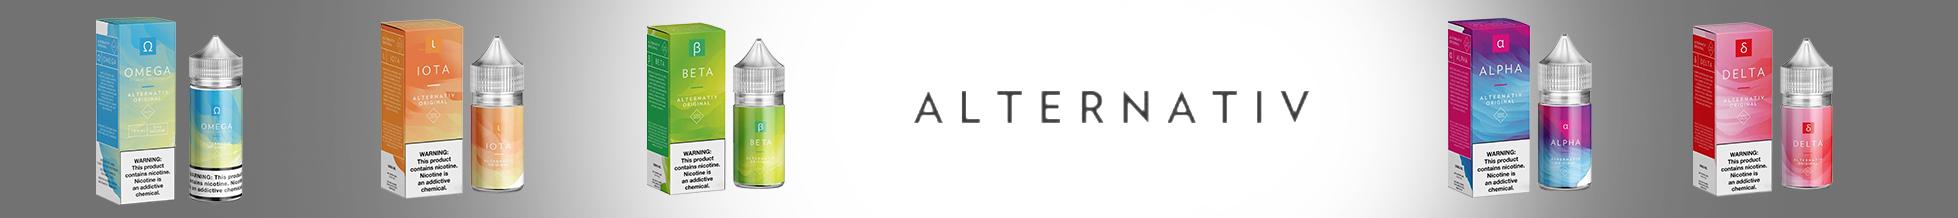 alternativ-salt.png